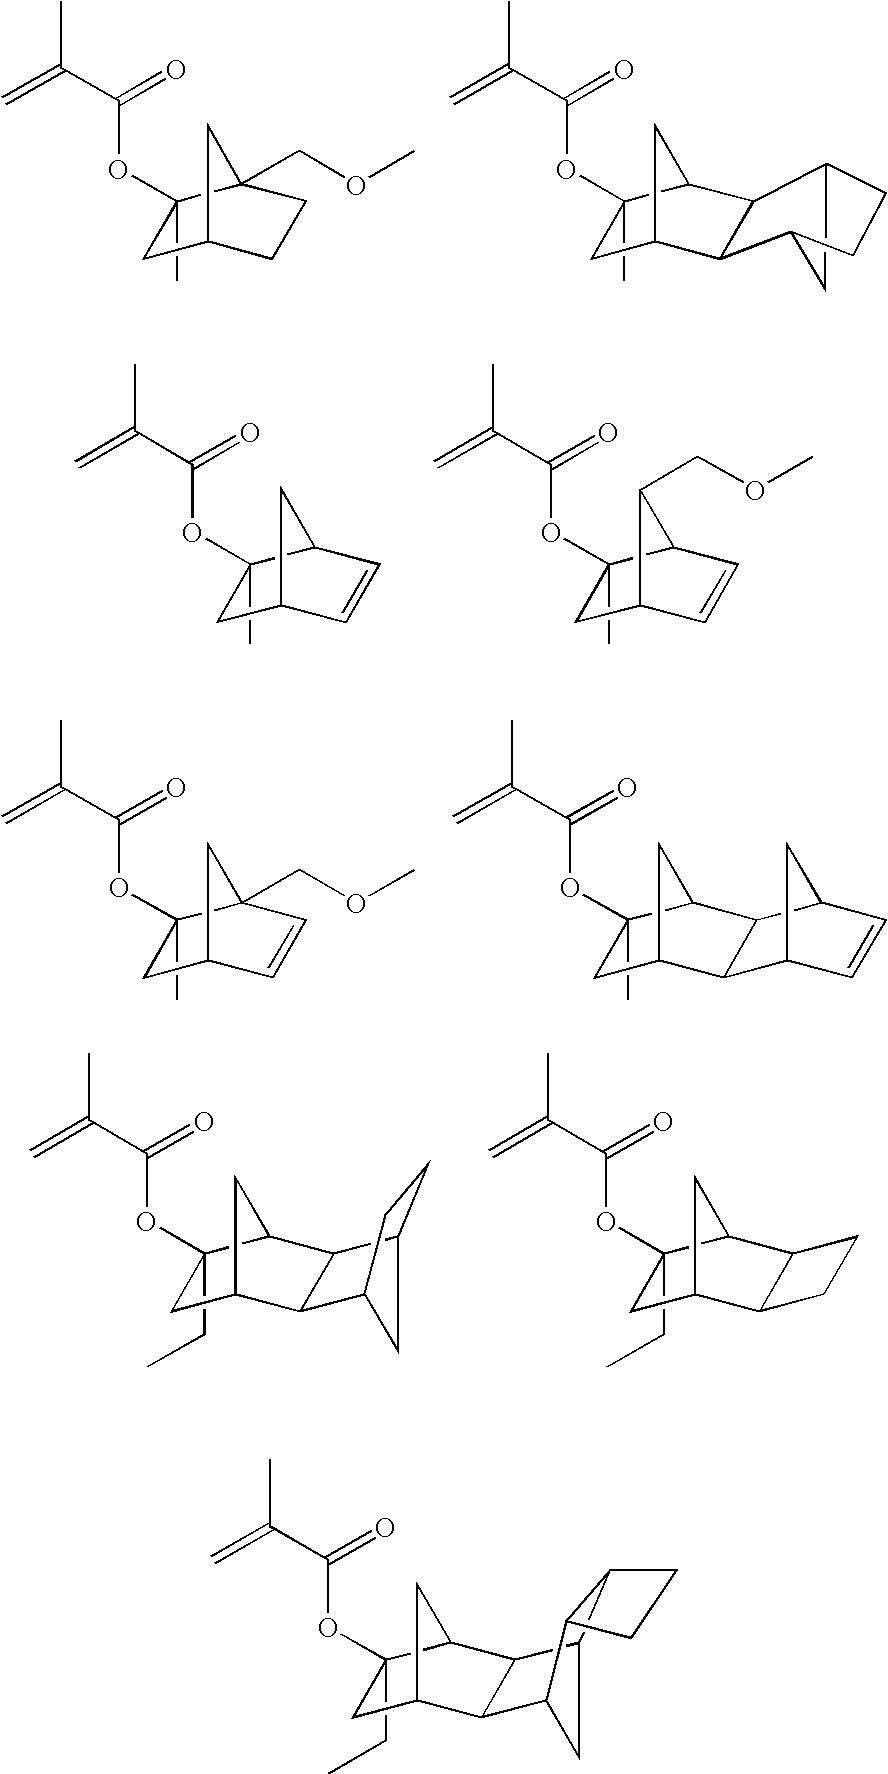 Figure US20100178617A1-20100715-C00024